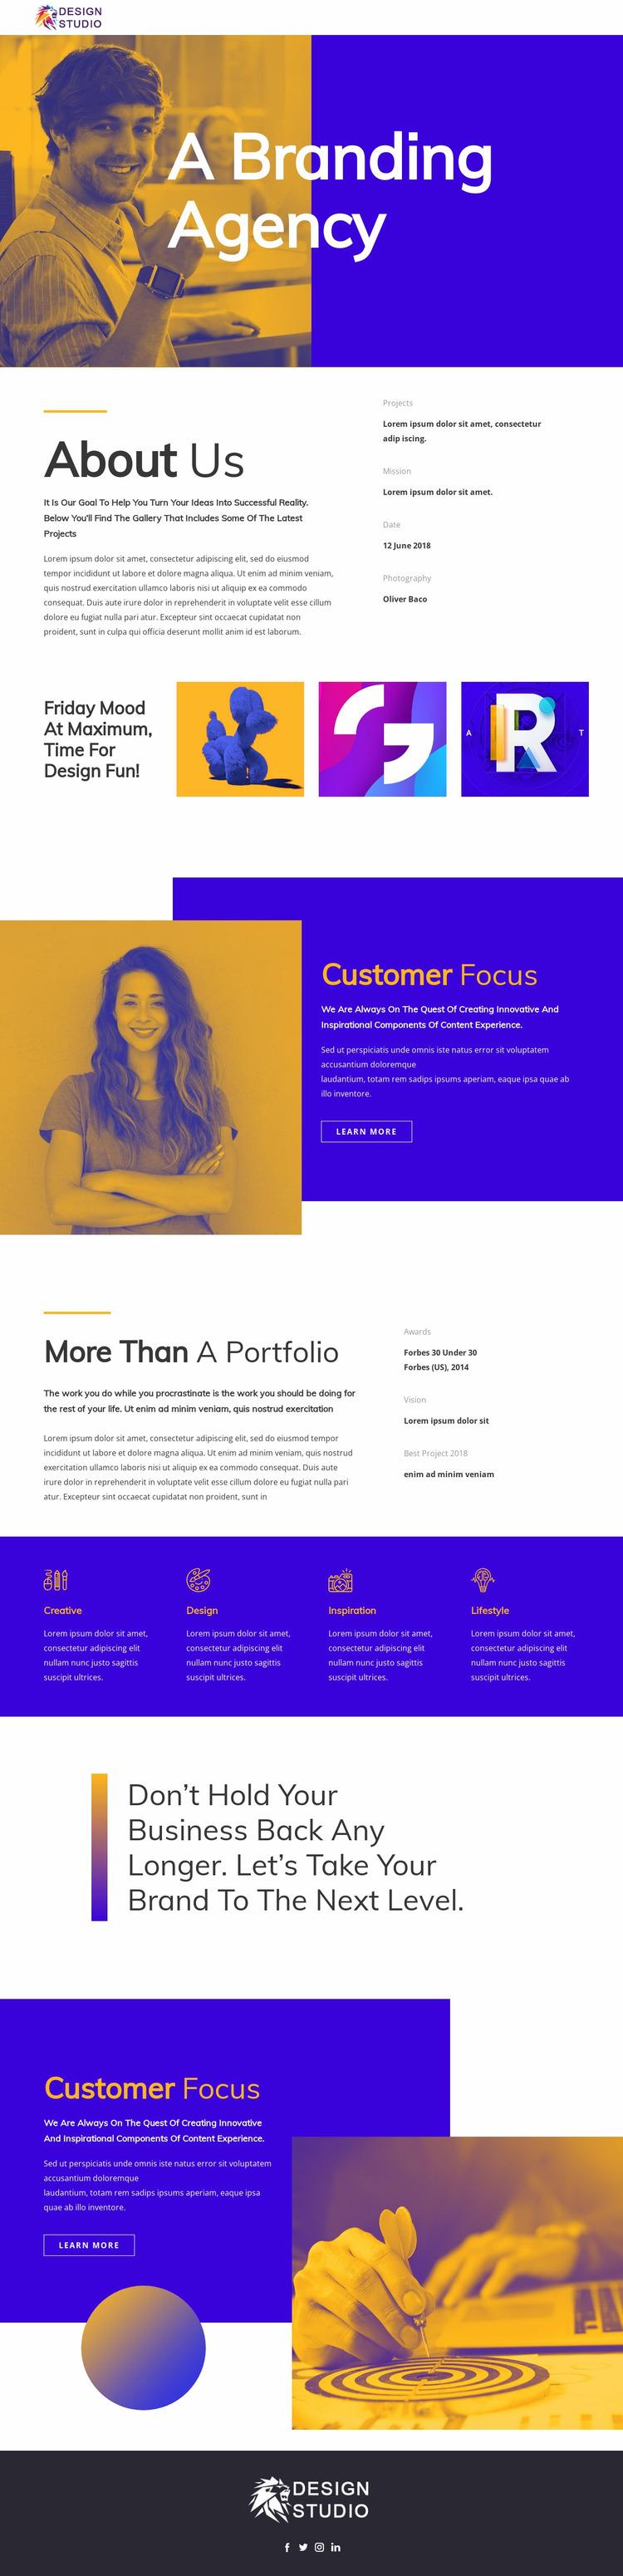 Branding agency for startup Website Mockup